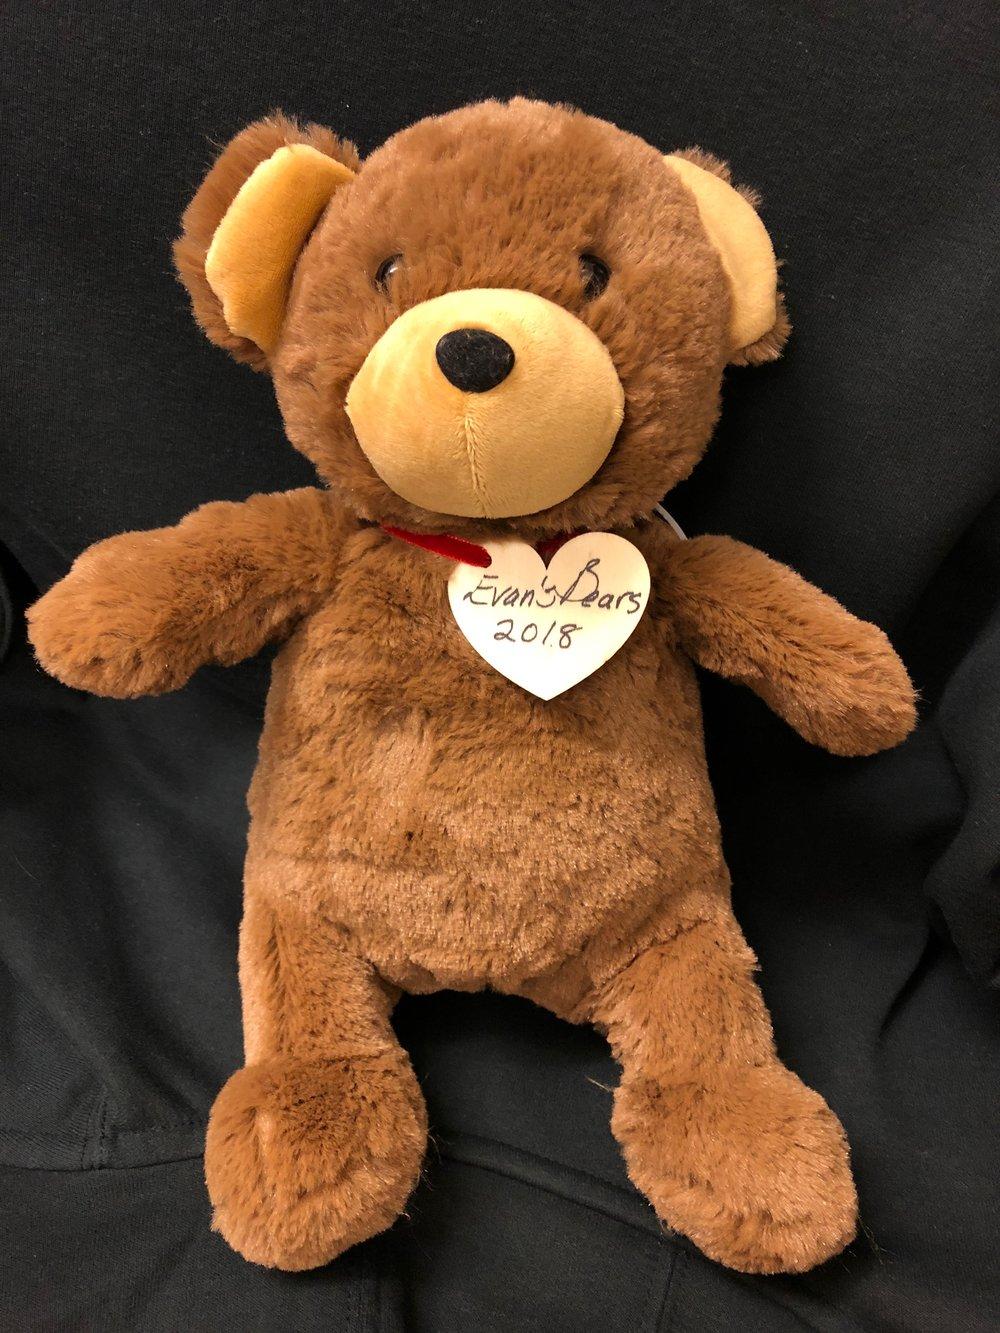 Evan's Bears 2.jpg